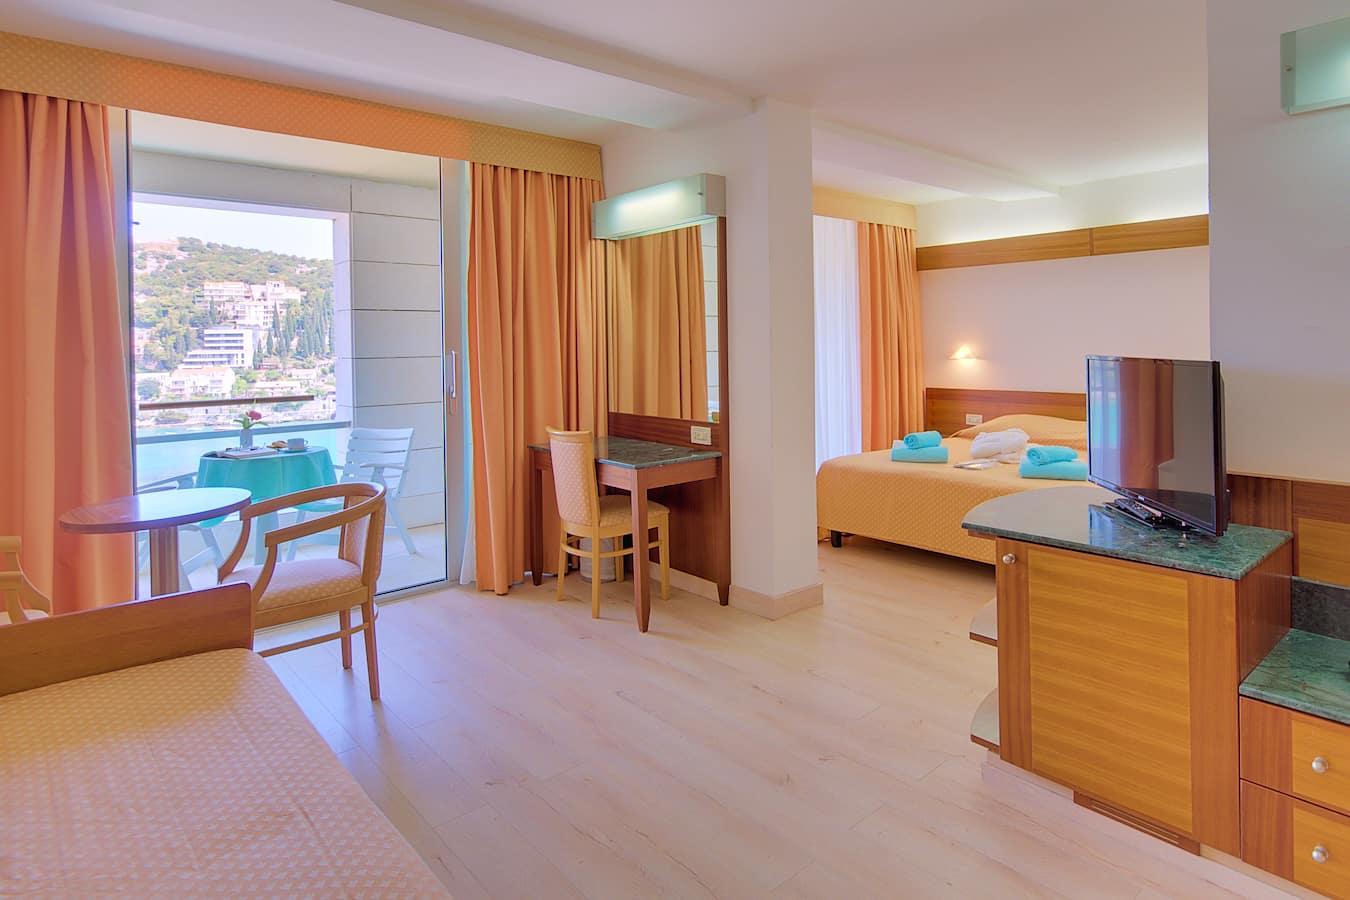 uvala-hotel-superior-room-seavview-balocony.jpg